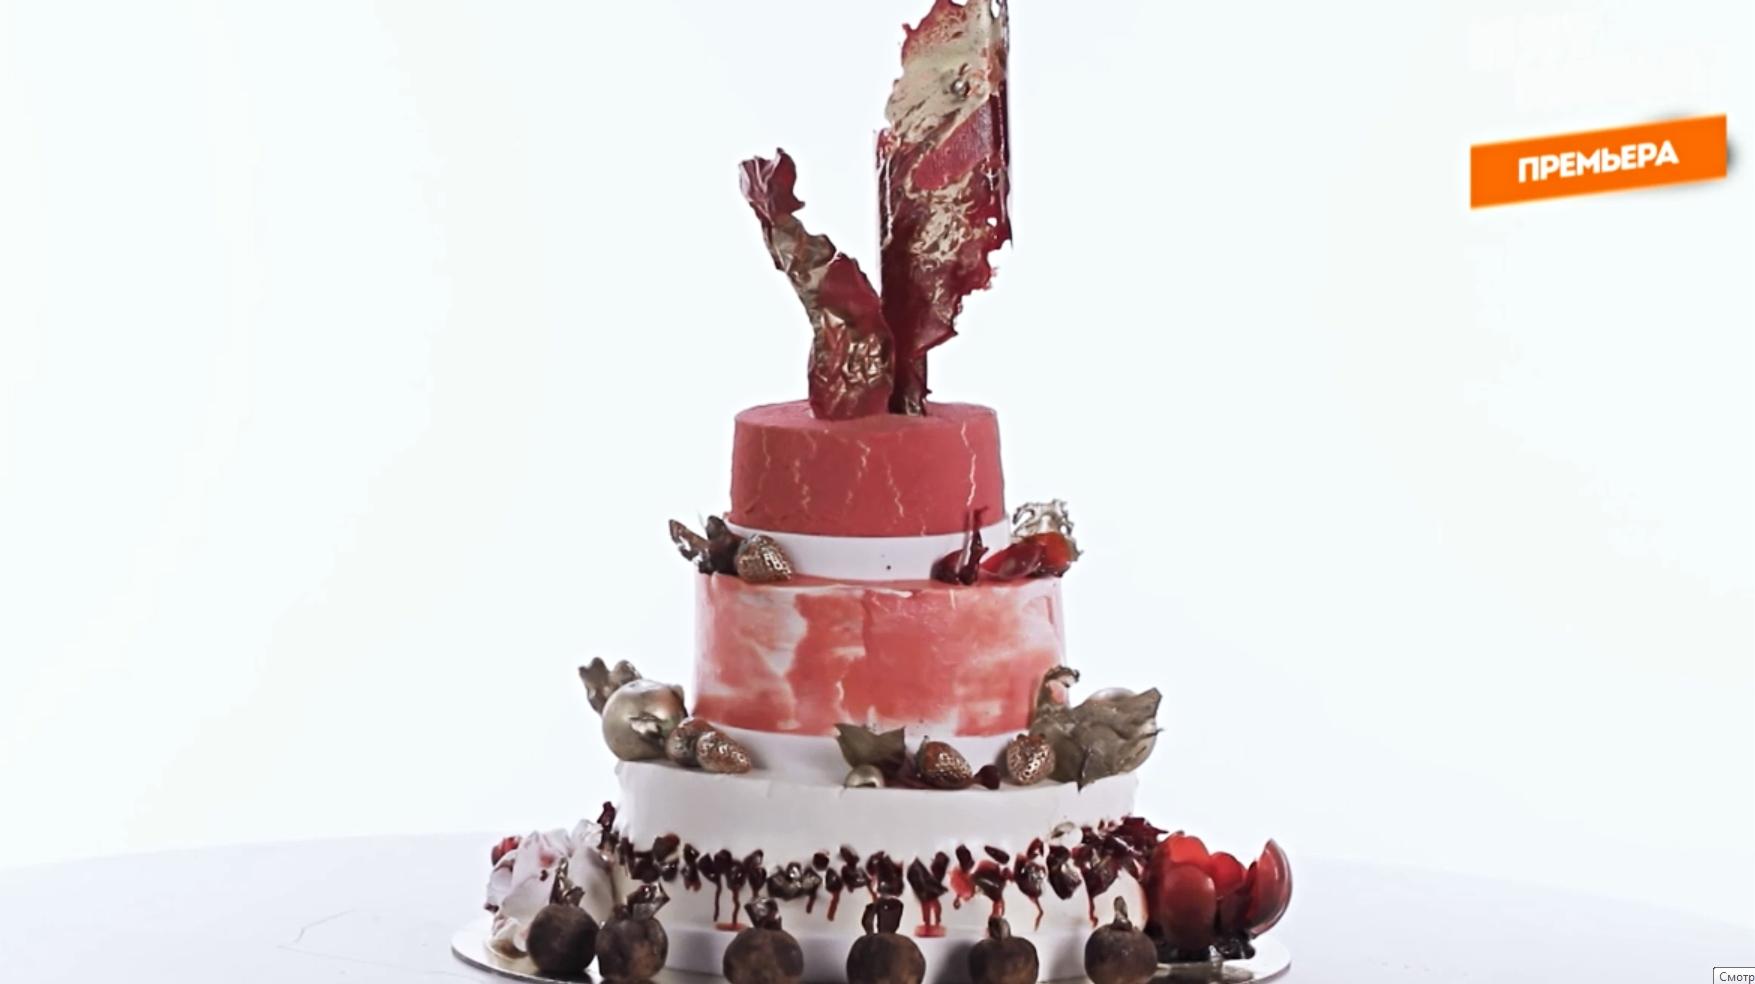 Посмотрите, какой торт сделала Анастасия в суперфинале. Как вам? Пишите в комментариях